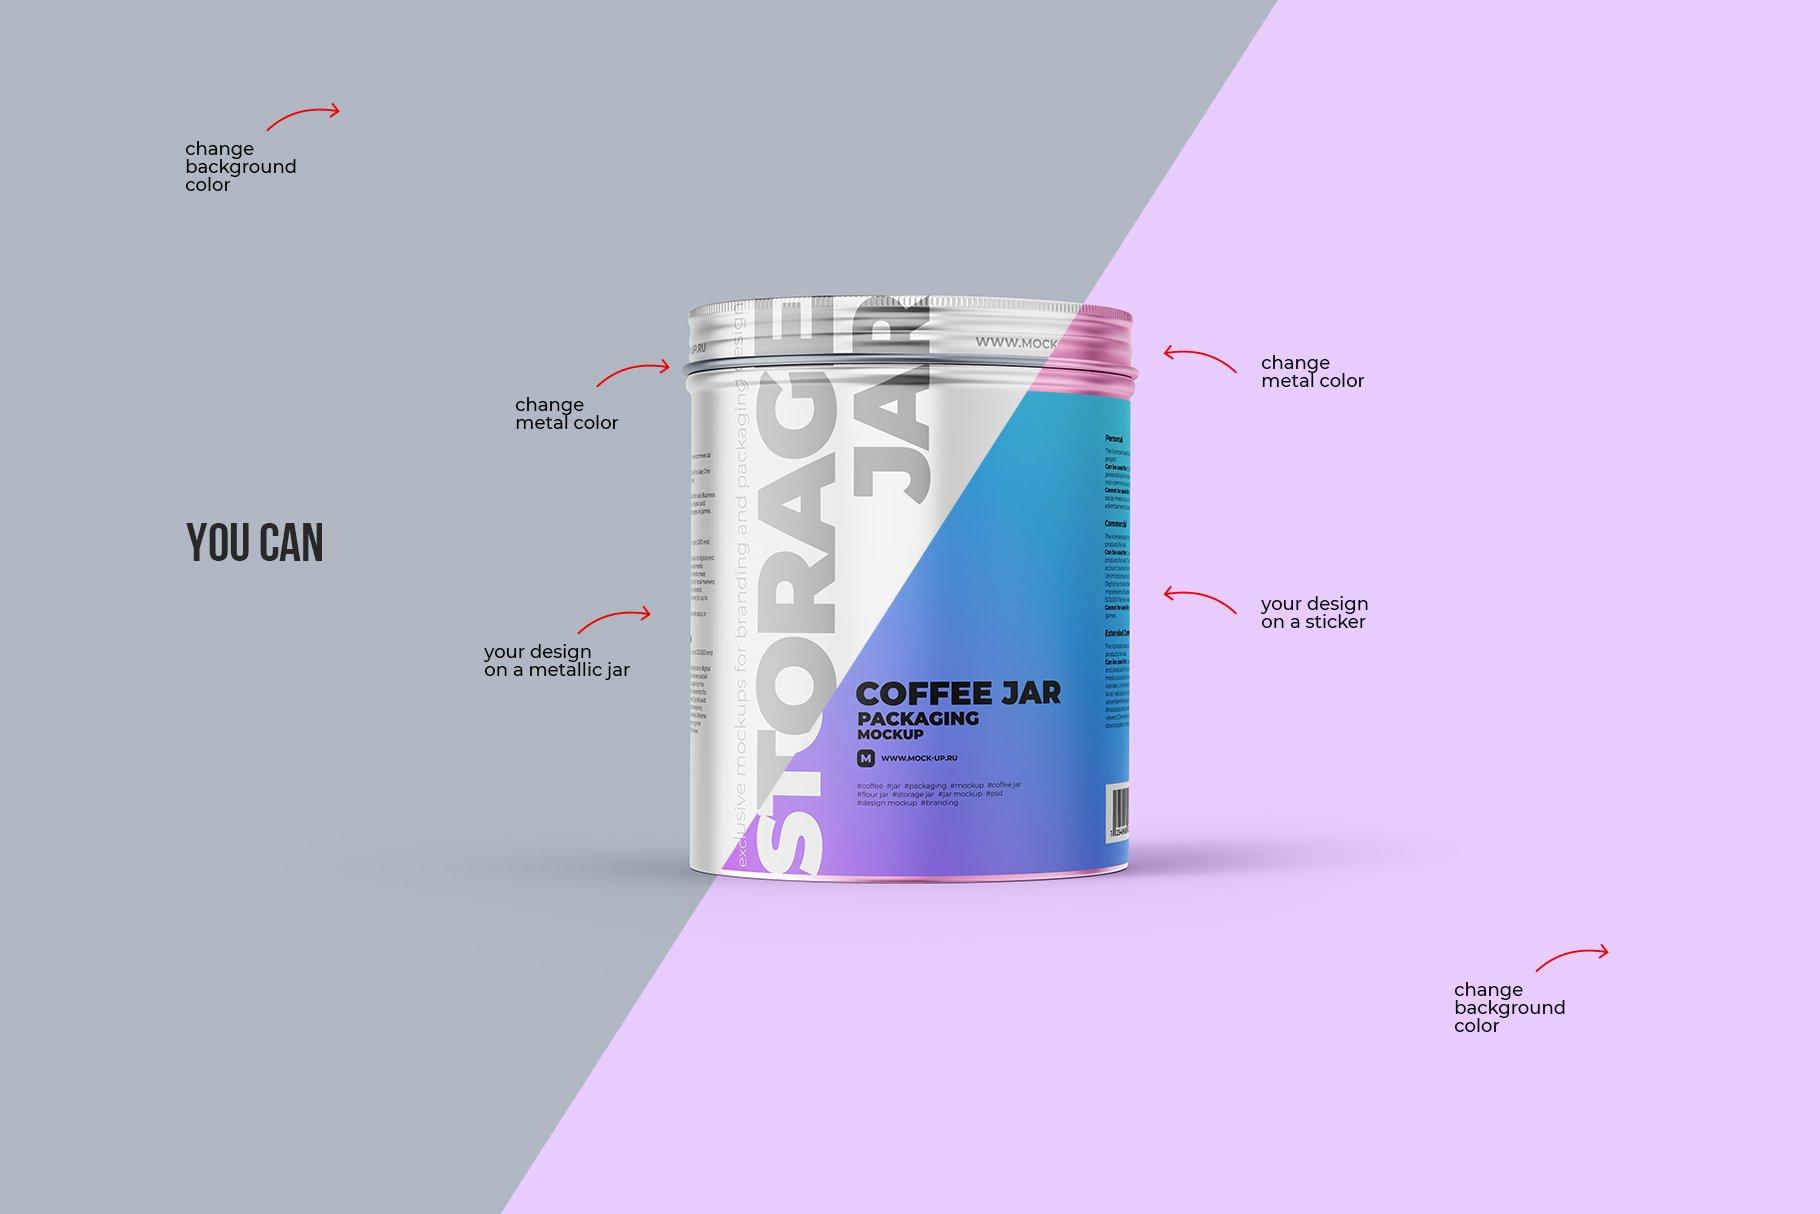 前视图食品茶叶金属罐设计展示PSD样机模板 Metallic Storage Closed Jar Front插图4